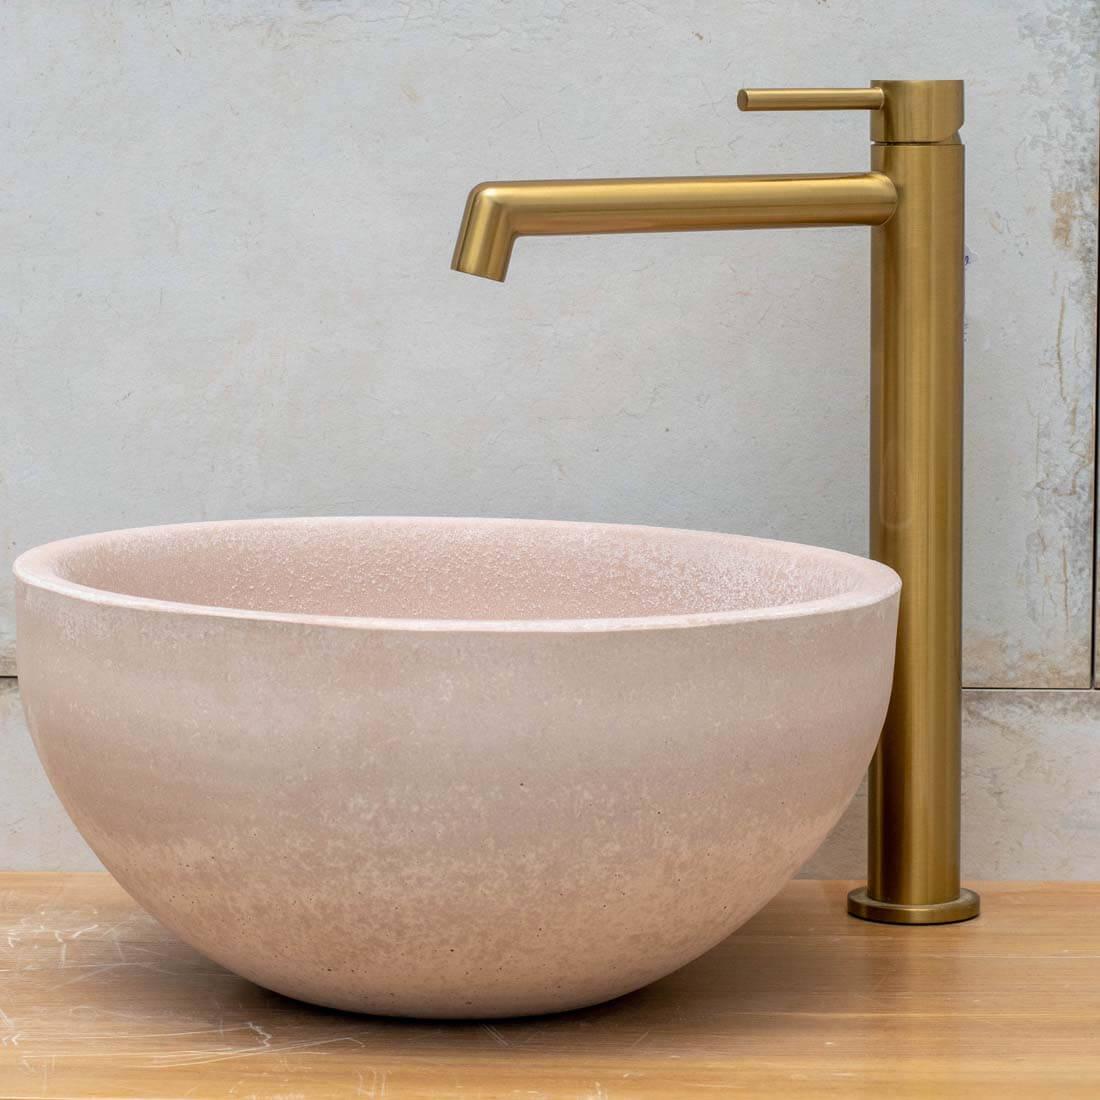 ברז אמבטיה גבוה מודרני ברונזה